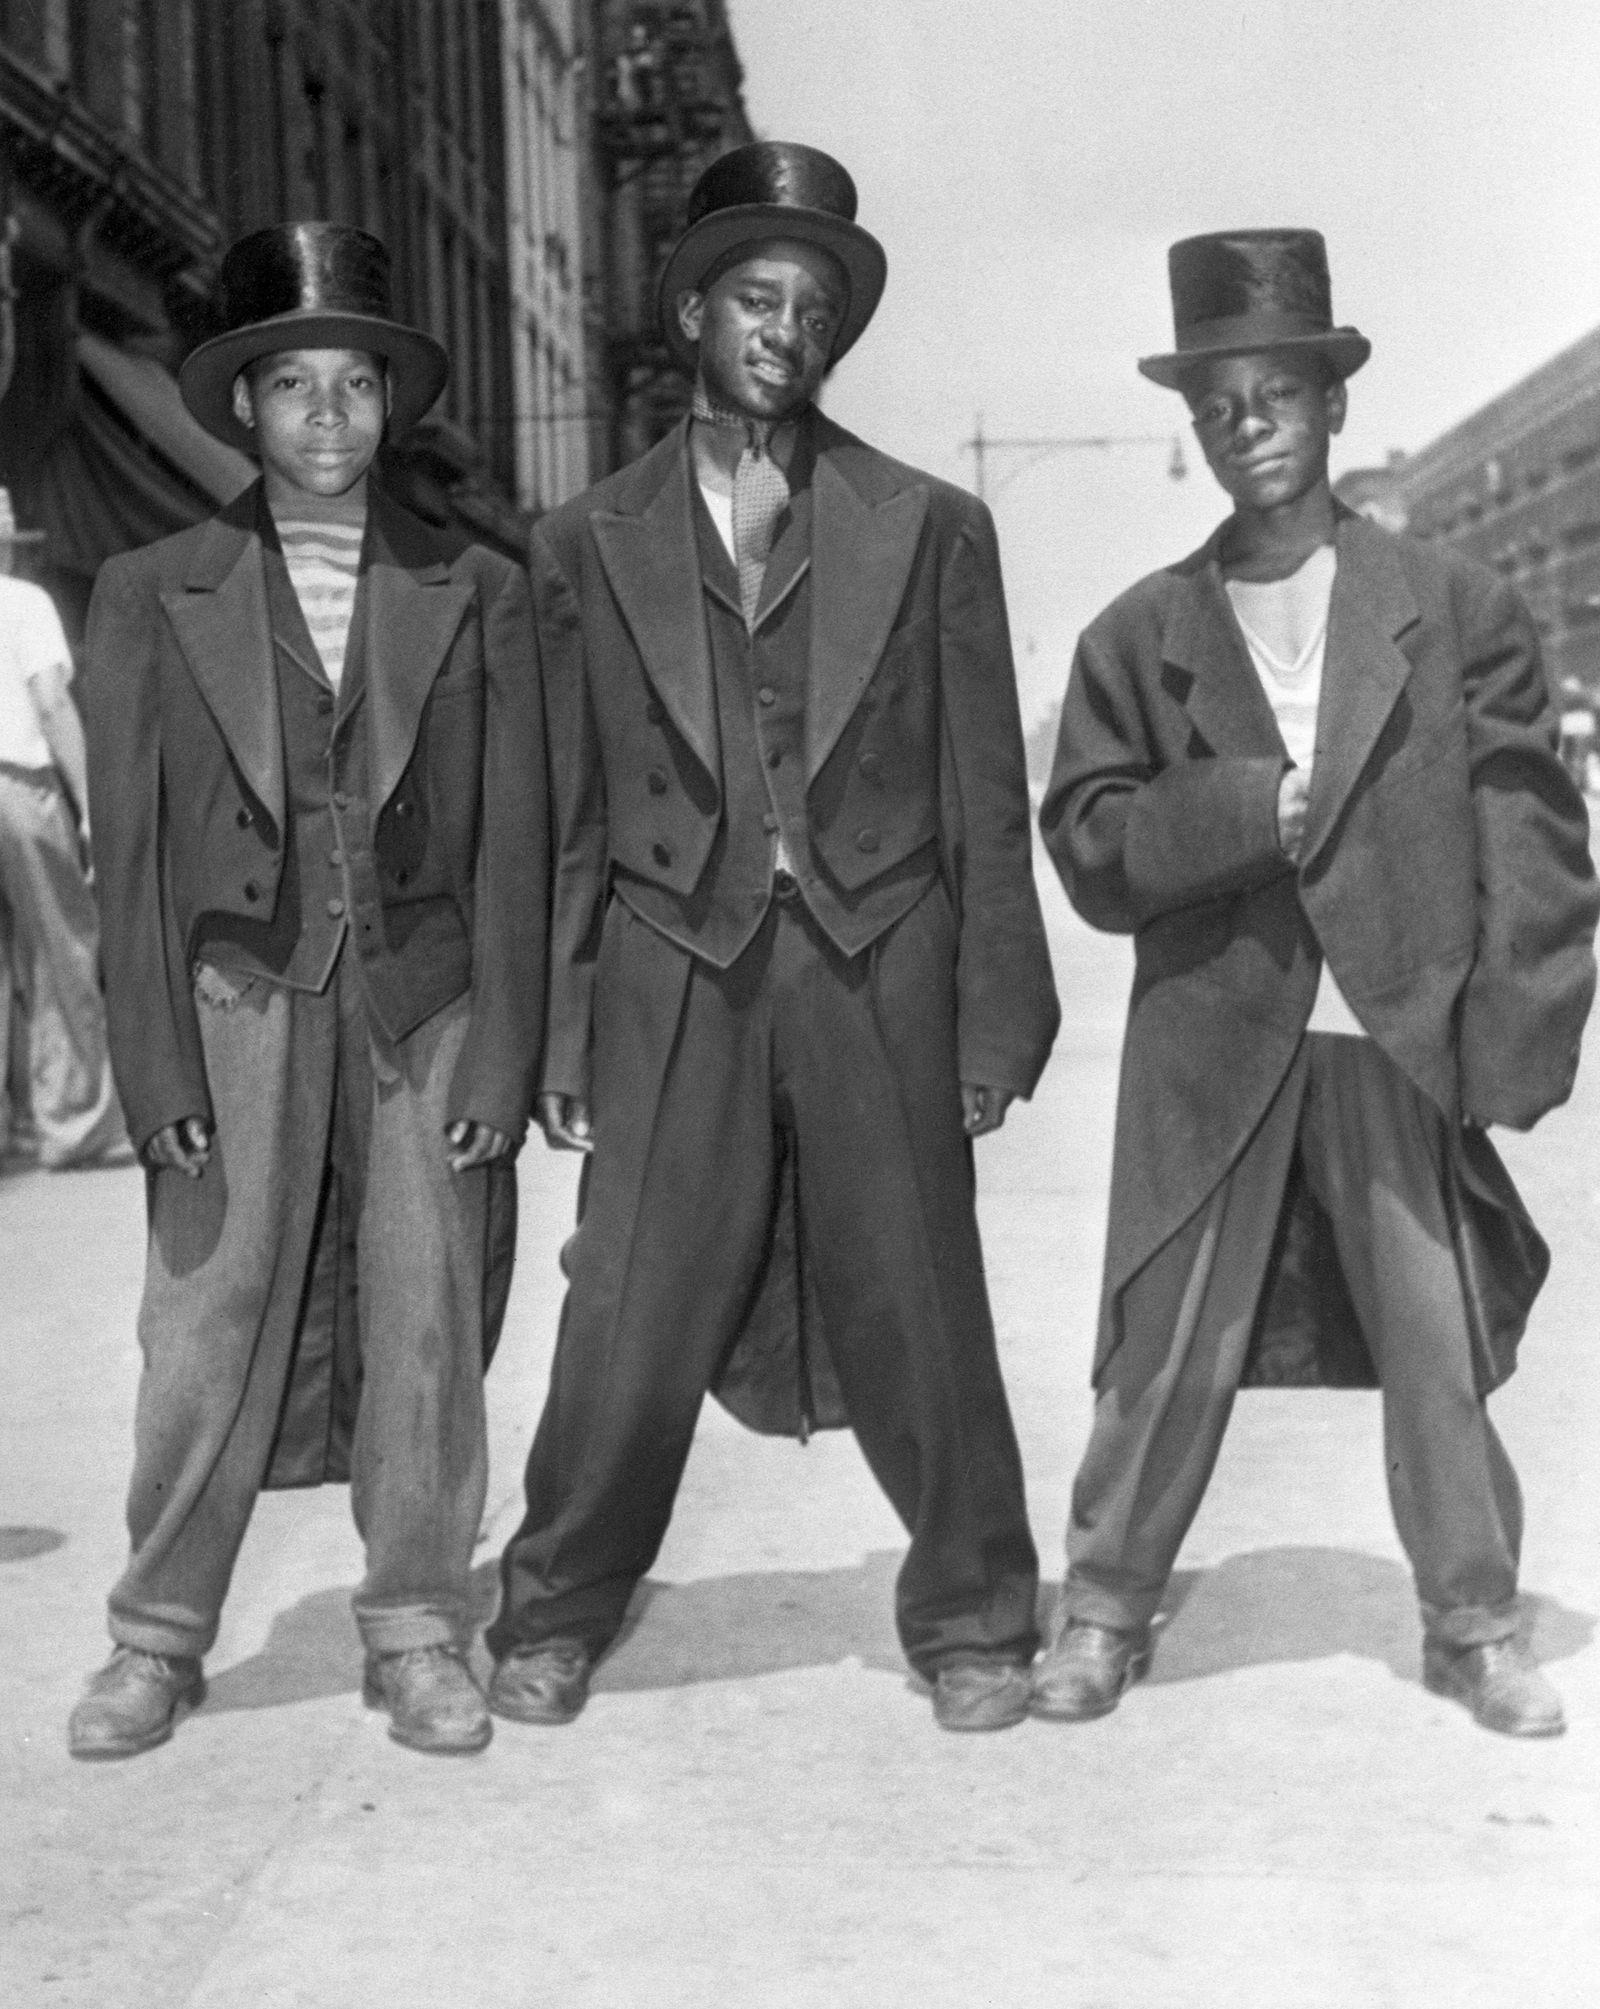 Boys Wearing Looted Formal Wear